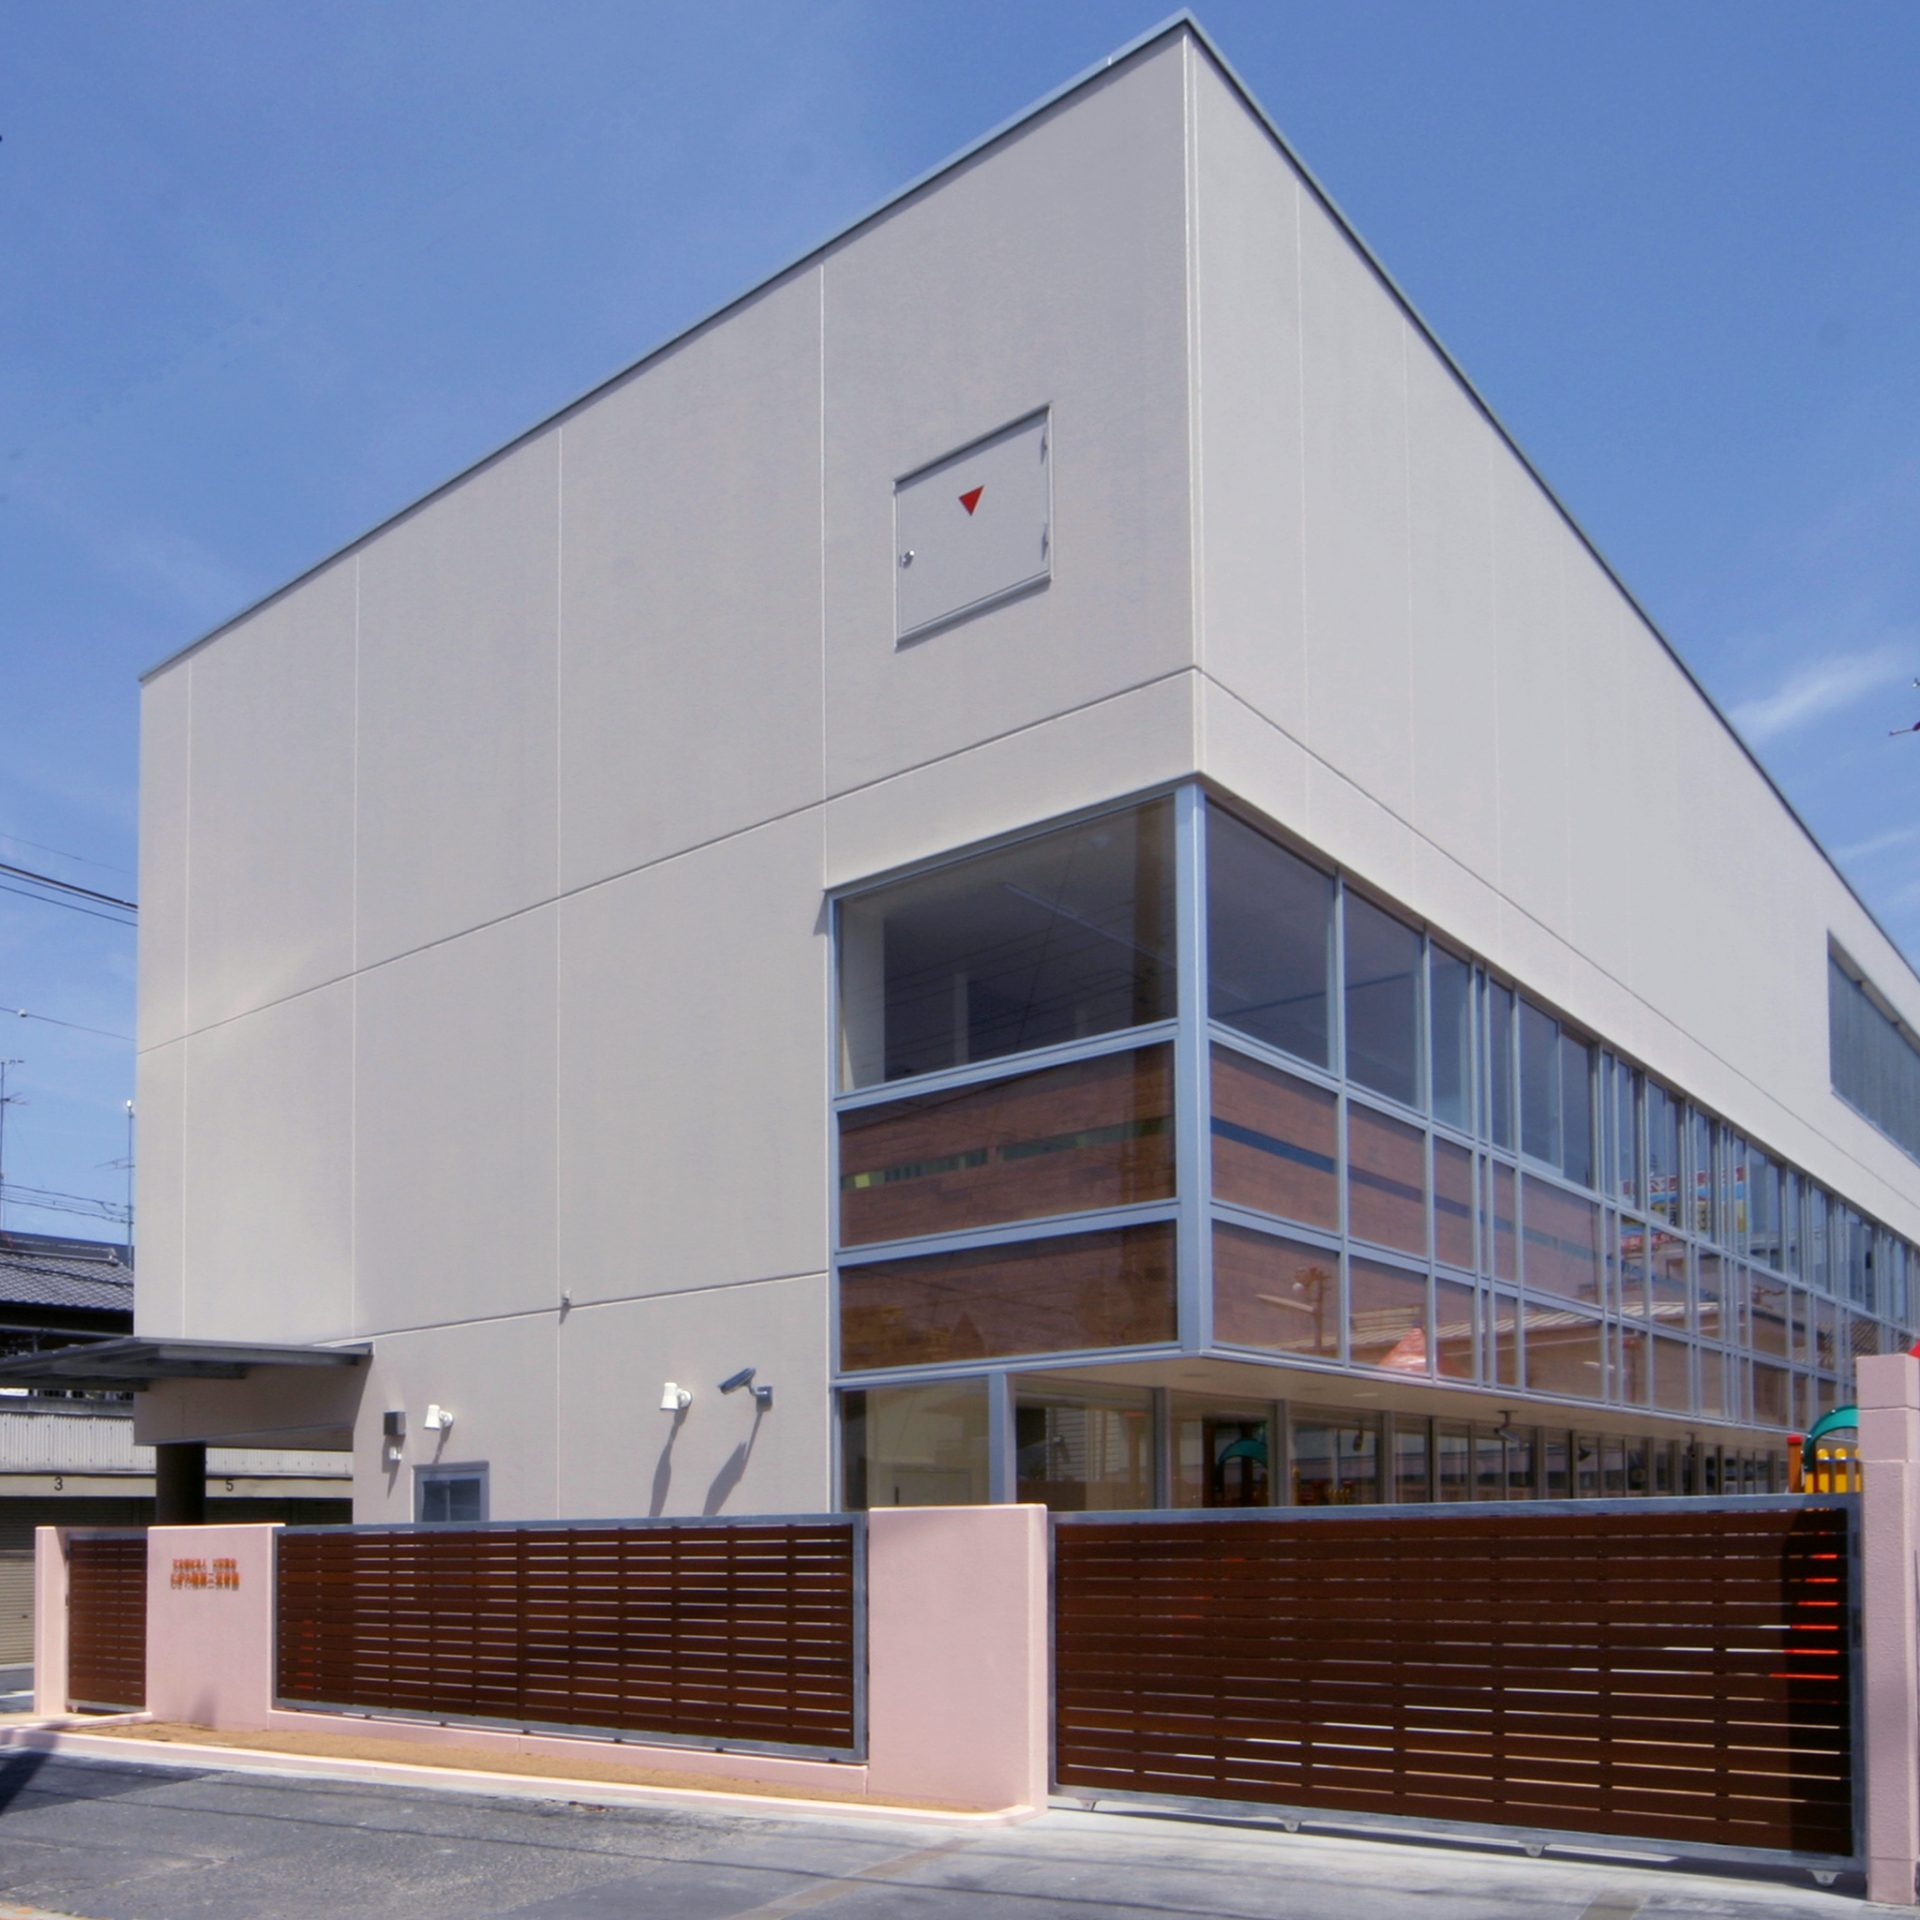 大阪むぎの穂第2保育園の外観01